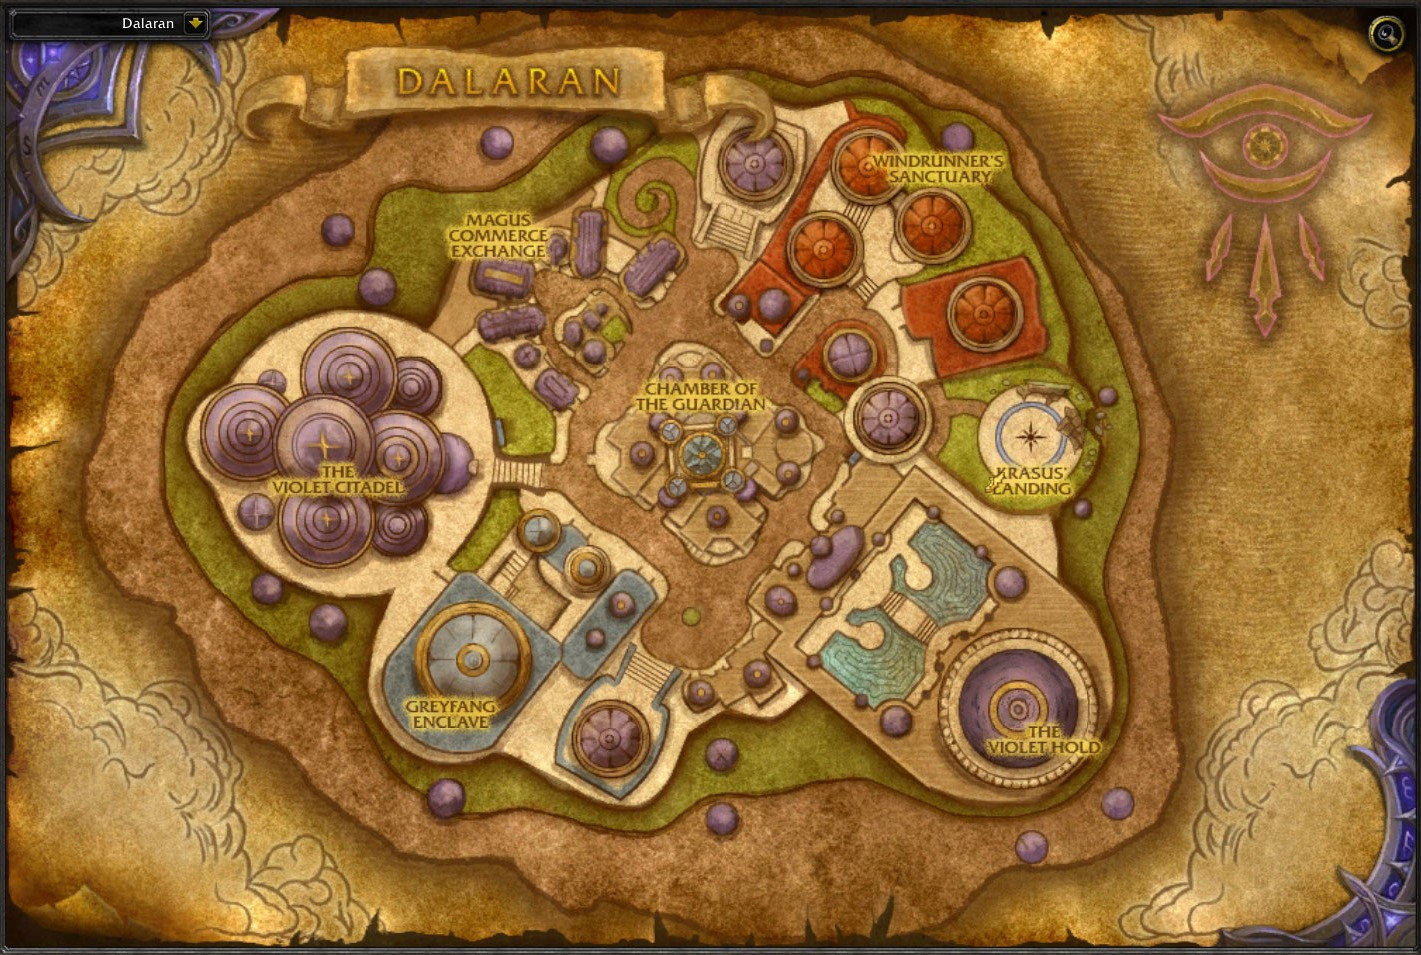 Где даларан в игре world of warcraft